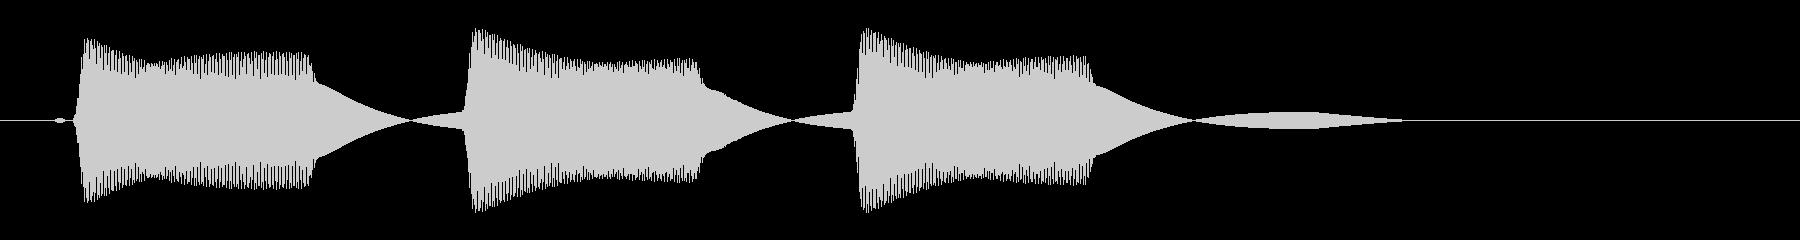 ピピピッ(高音でクリア)の未再生の波形